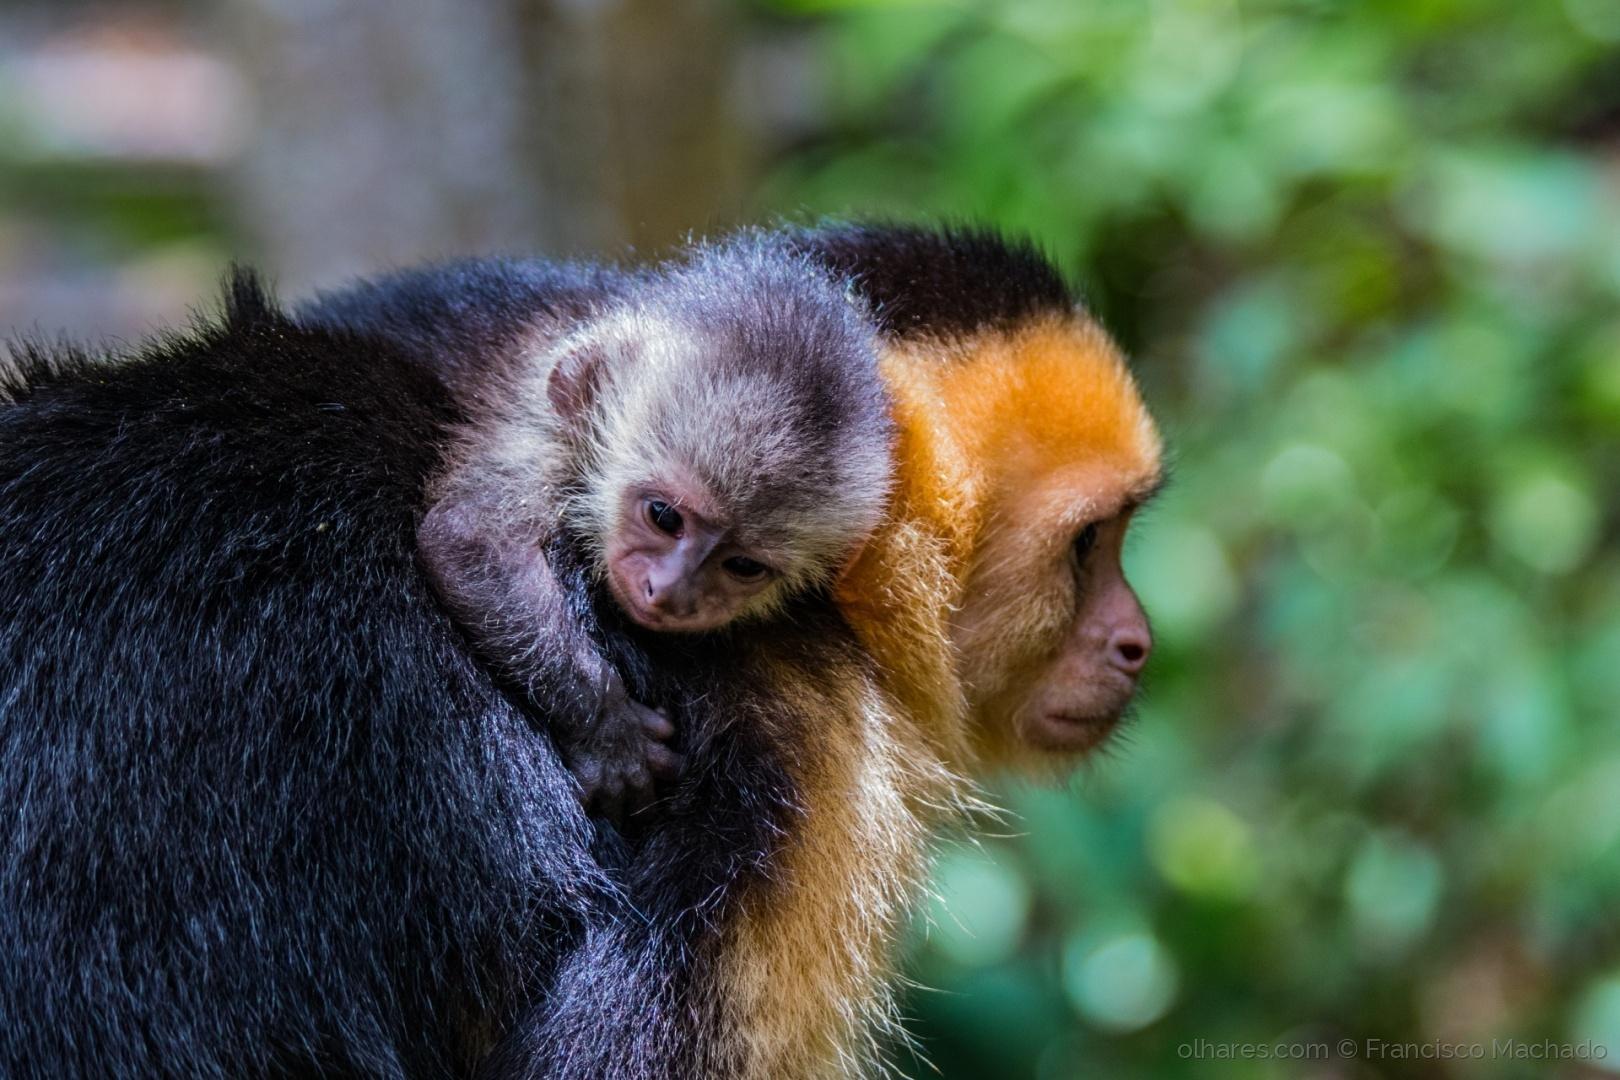 © Francisco Machado - Macaco bebé agarrado à mãe